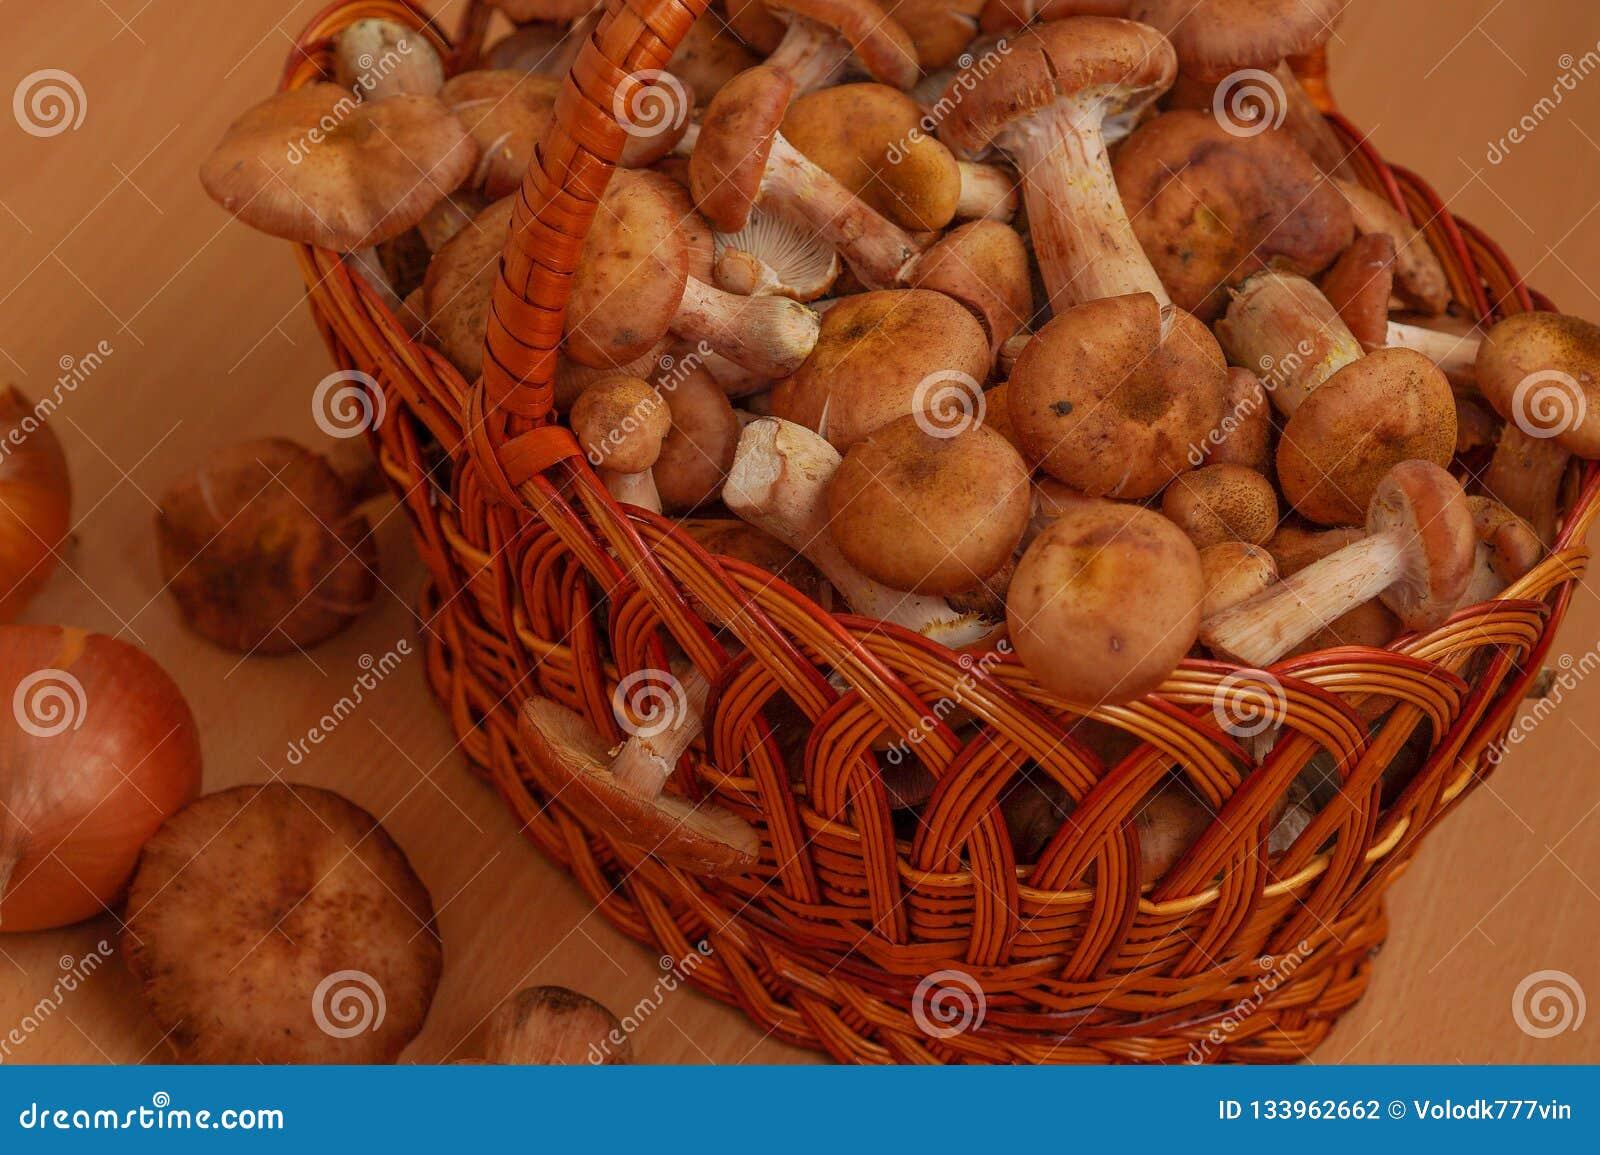 Weidenkorb angefüllt mit Pilzen